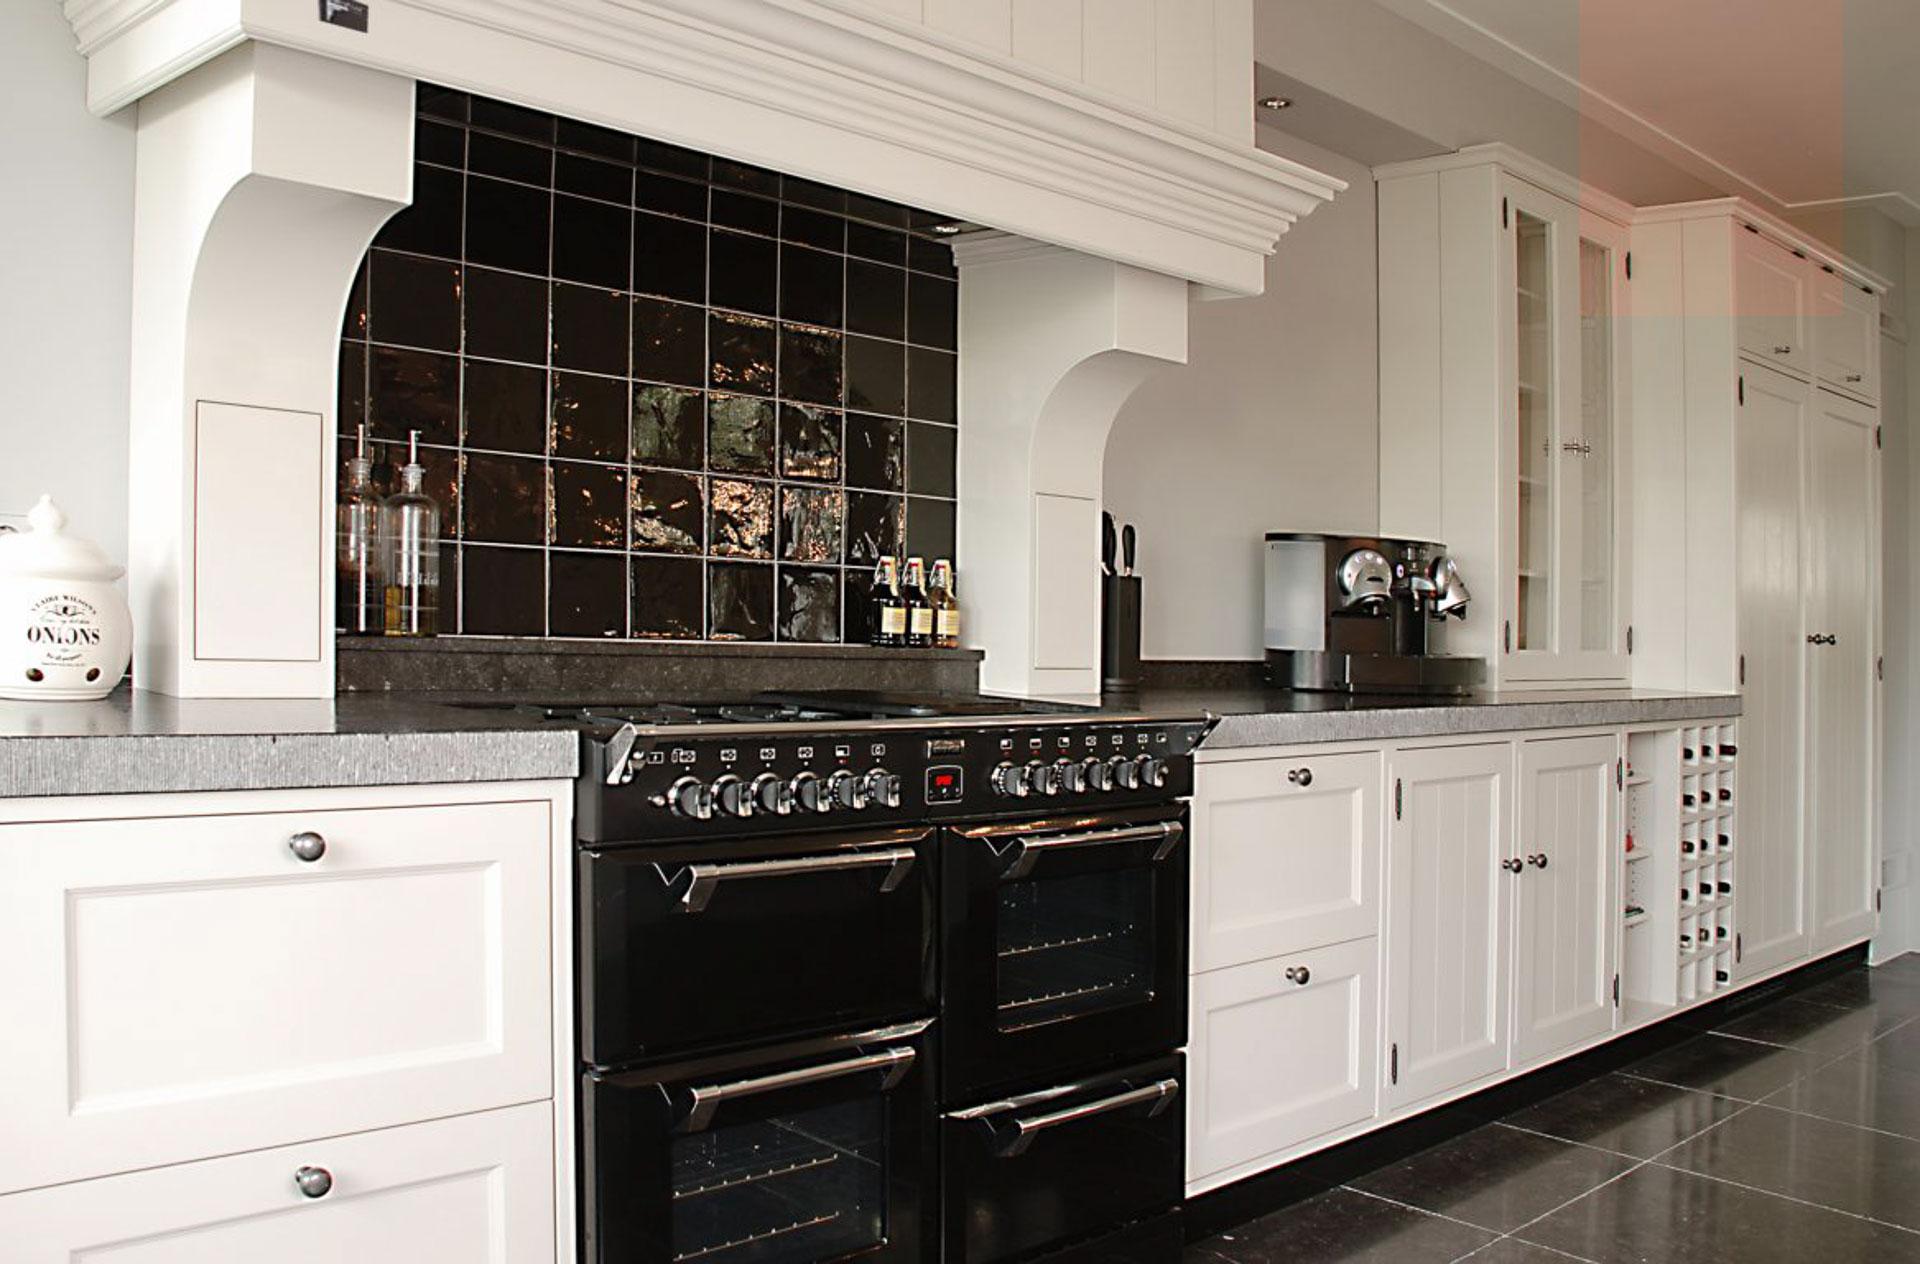 Modern landelijke keuken met AGA inductiefornuis